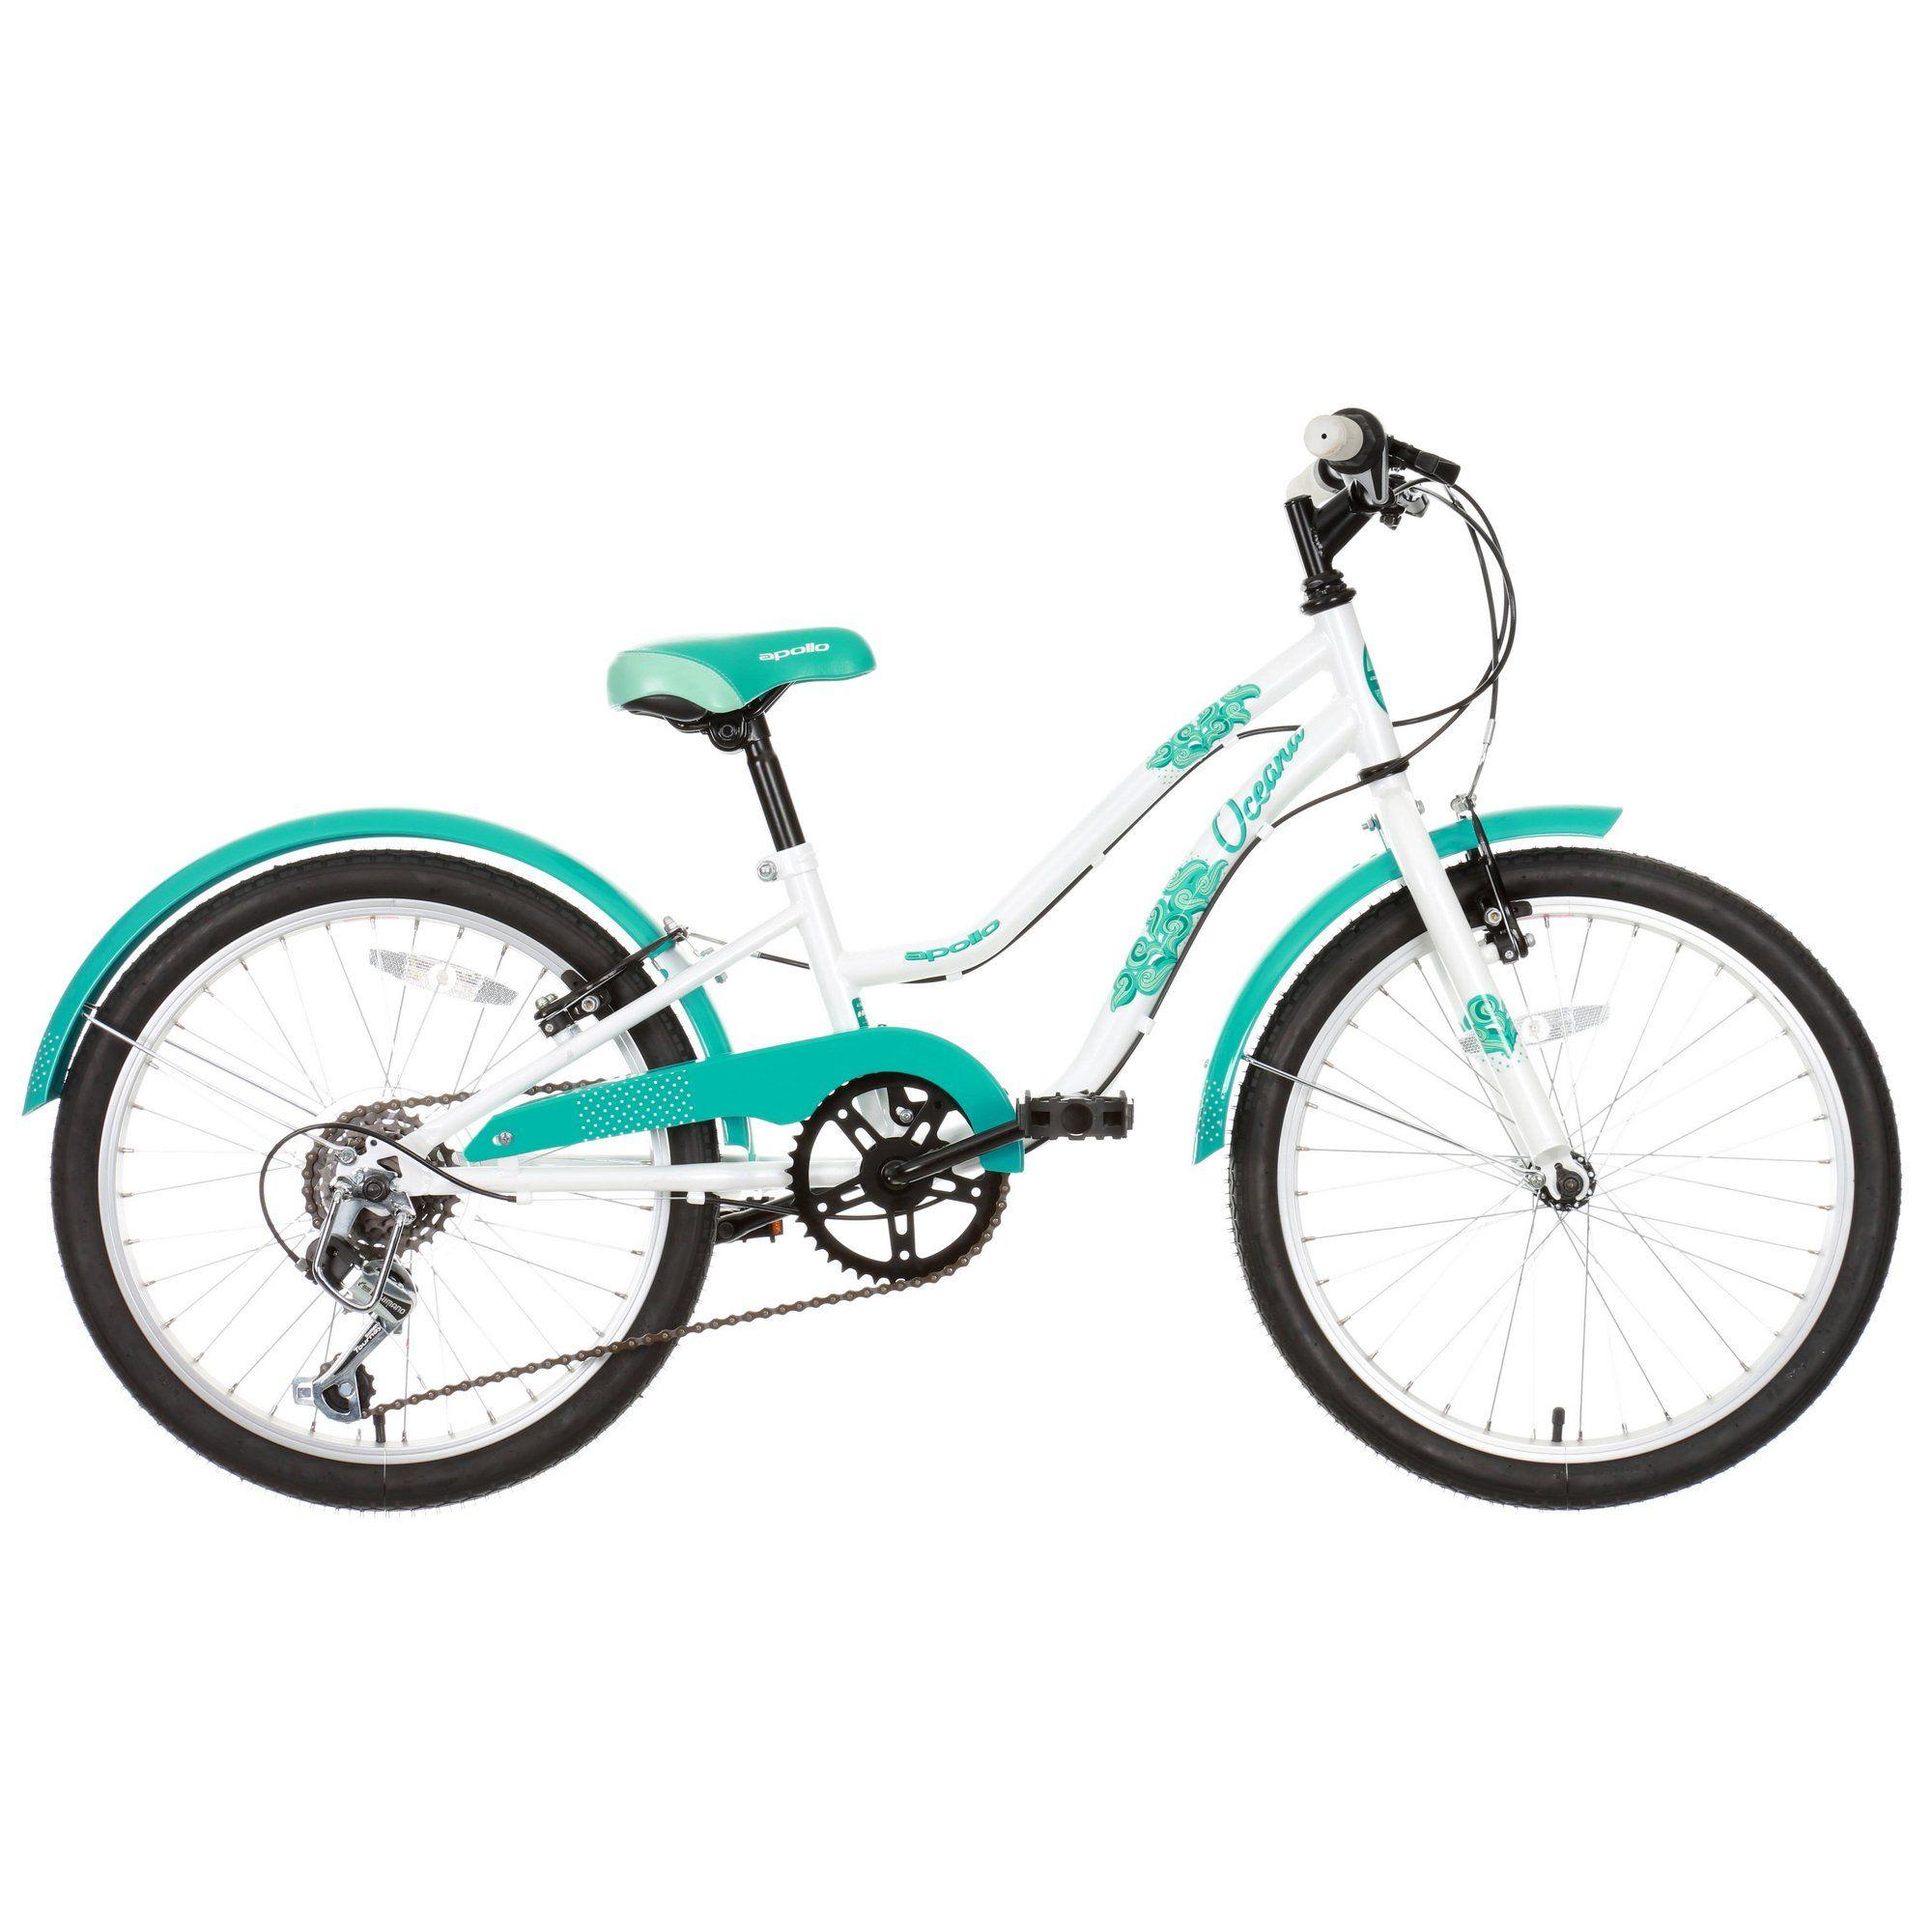 The Halfords Brand Was Established In 1902 Http Cenit Performancebike Blogspot Com 2014 11 Halfords Html Boy Bike Hybrid Bike Kids Bike